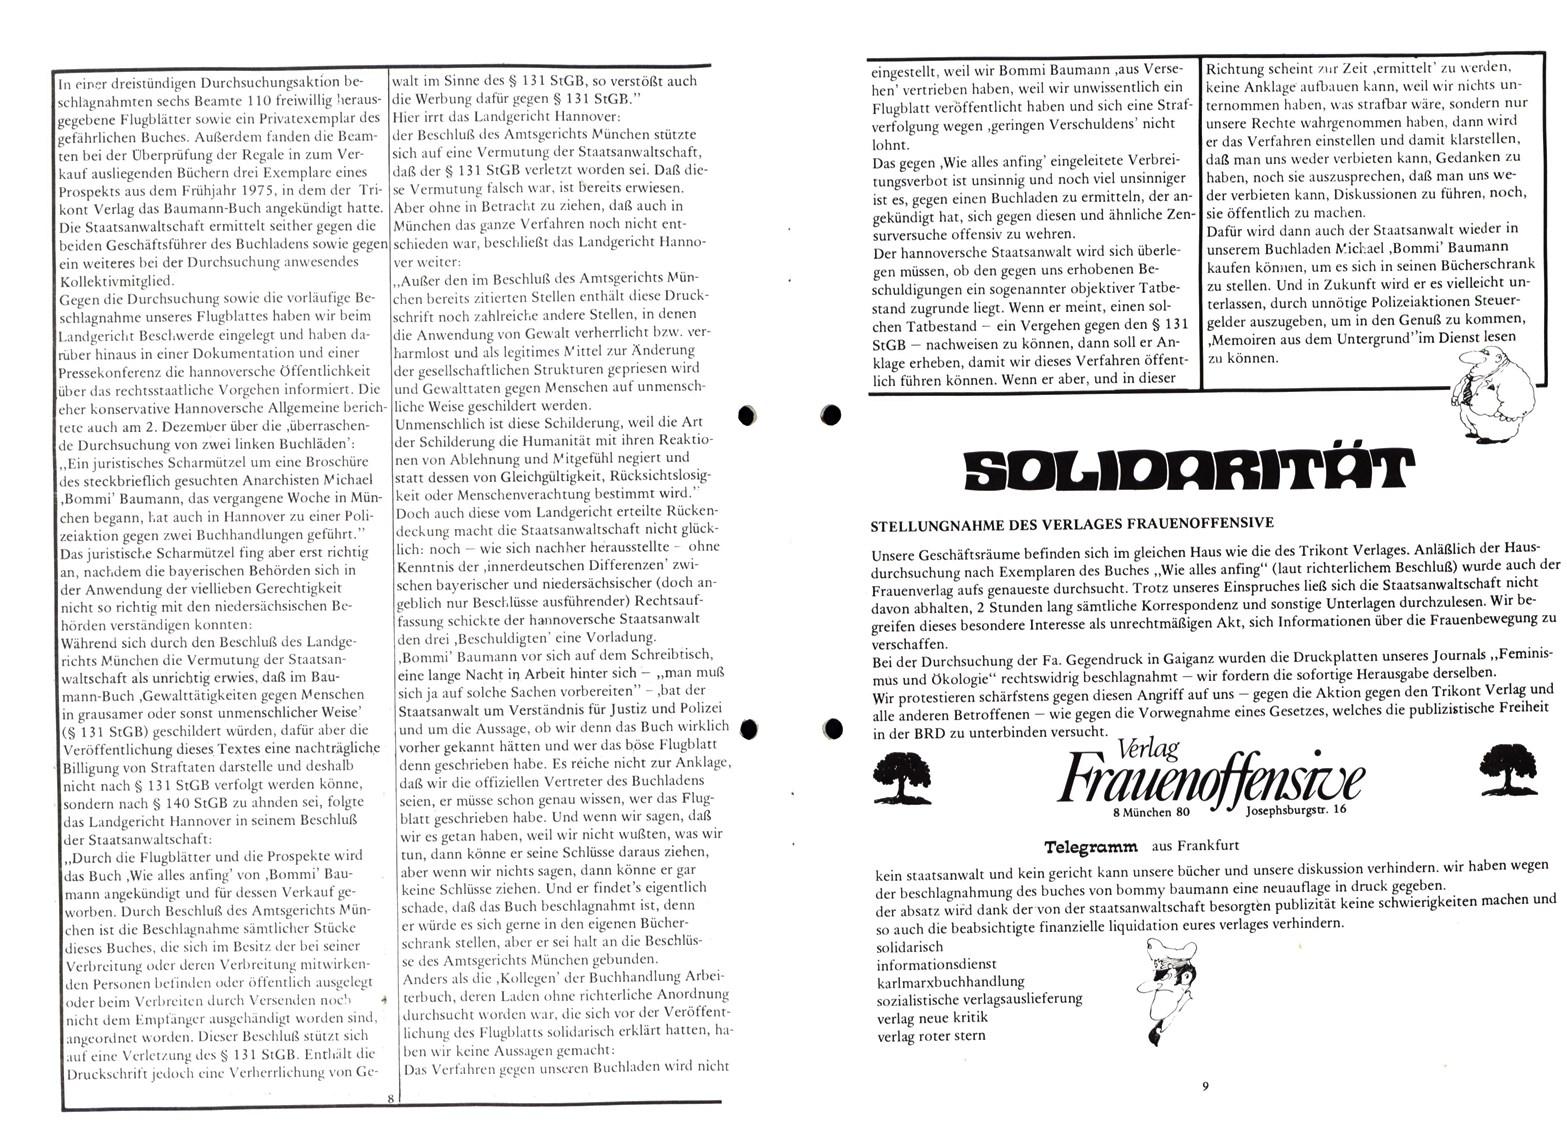 REP_1976_Doku_Beschlagnahme_von_Literatur_05